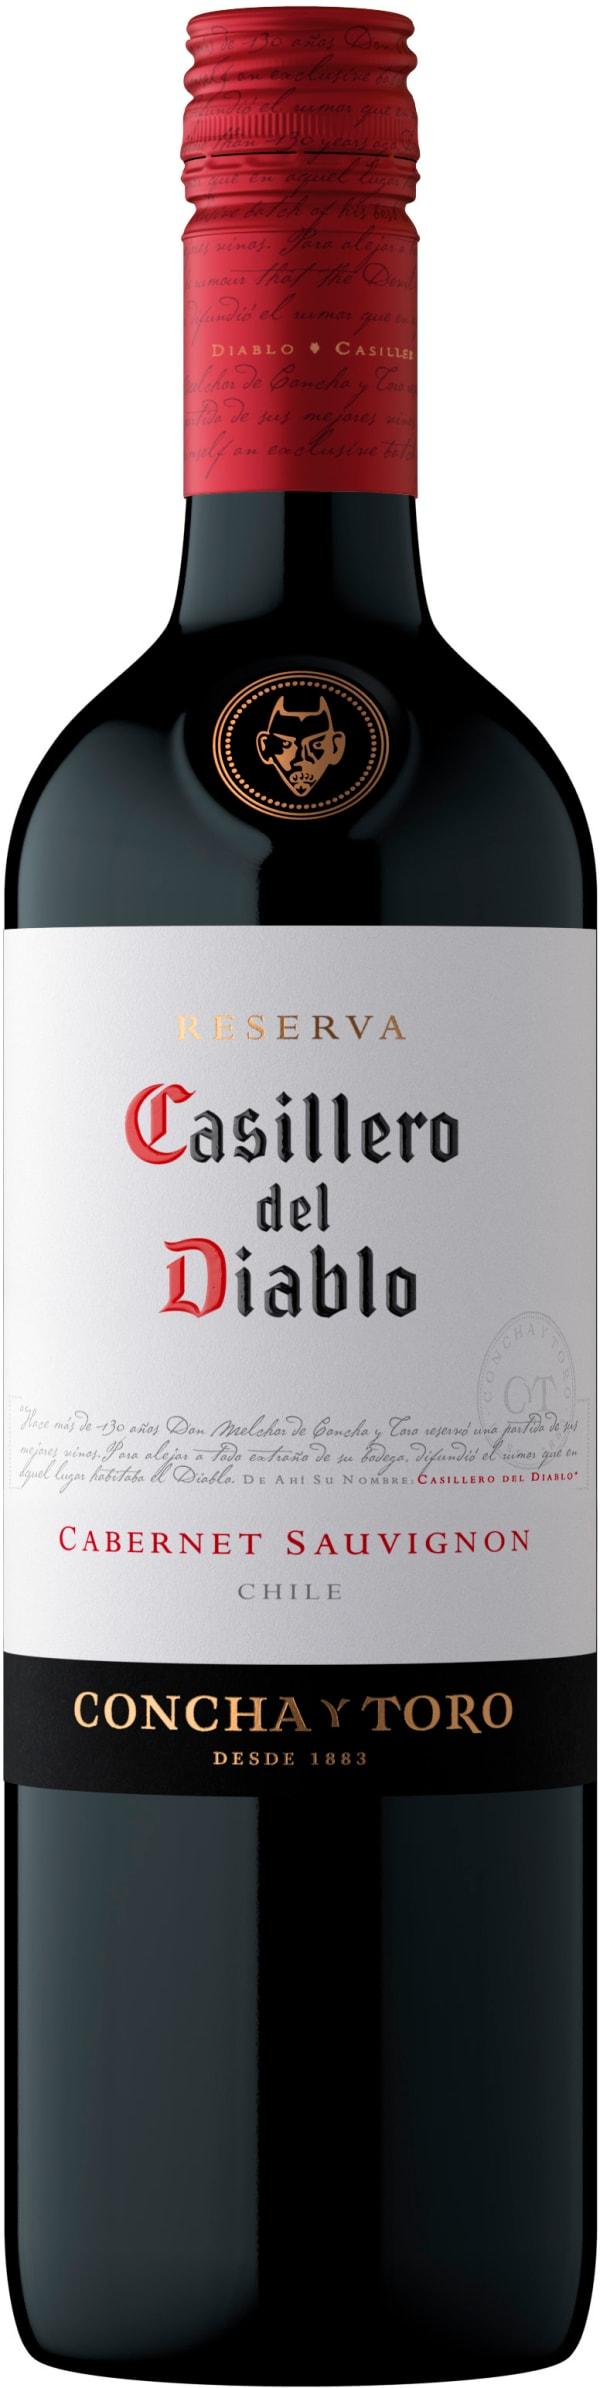 Casillero del Diablo Cabernet Sauvignon Reserva 2017